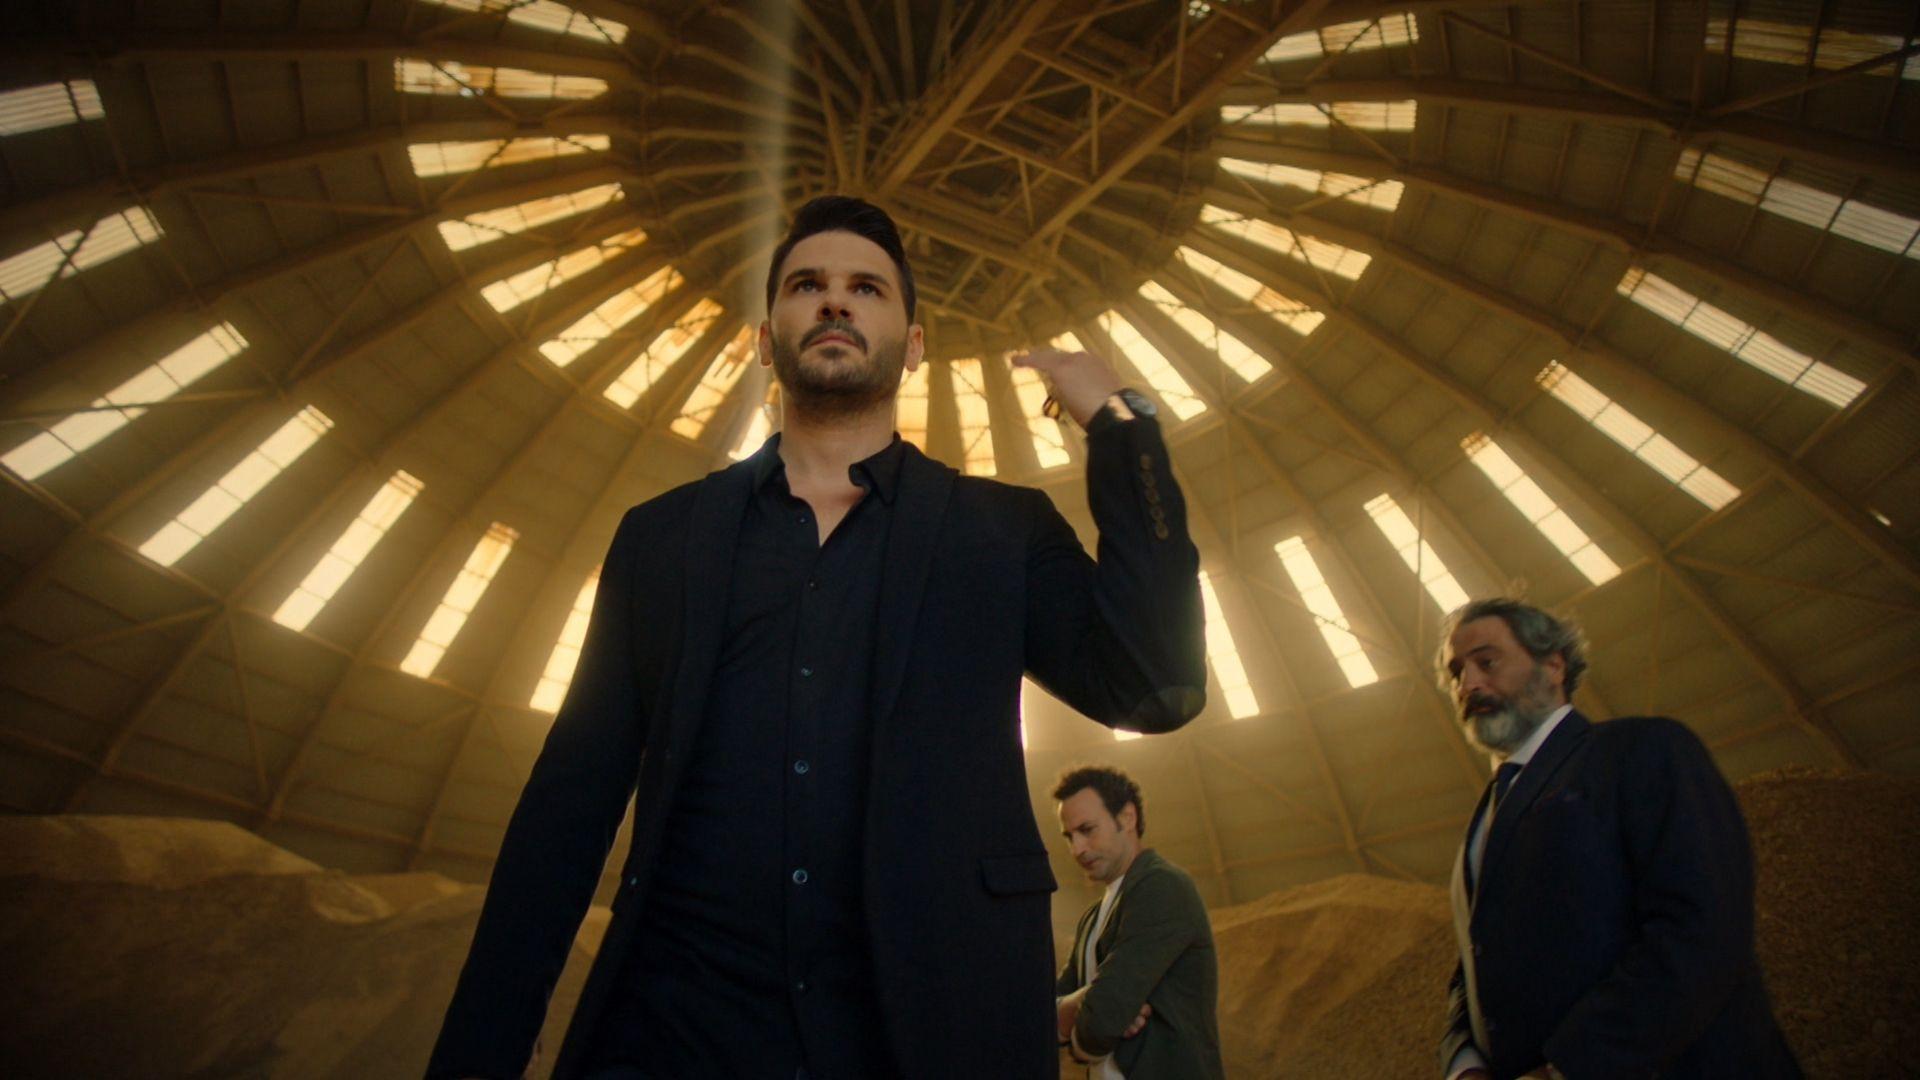 2020 مسلسل وعد شرف الجزء الأول التركي صور الأبطال + تقرير . وعد شرف